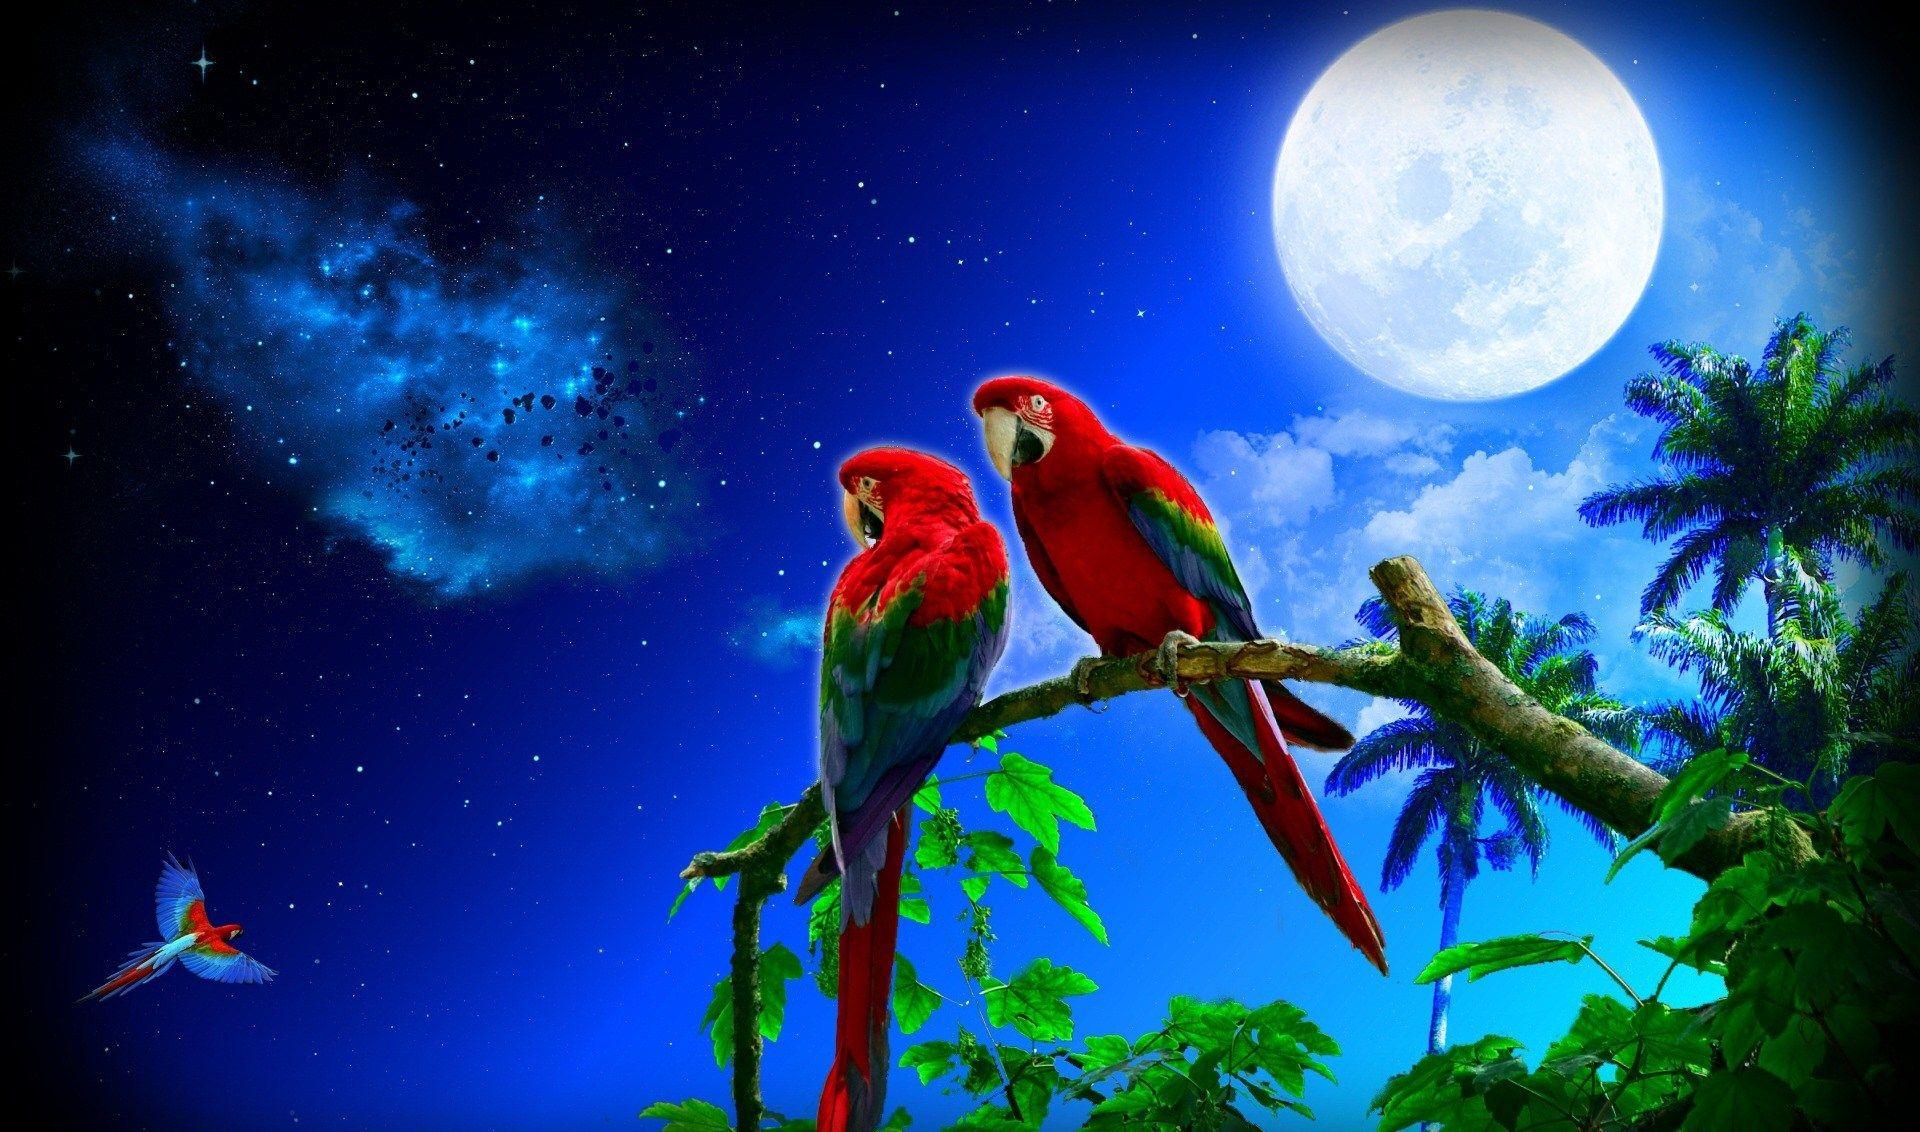 cute parrot images